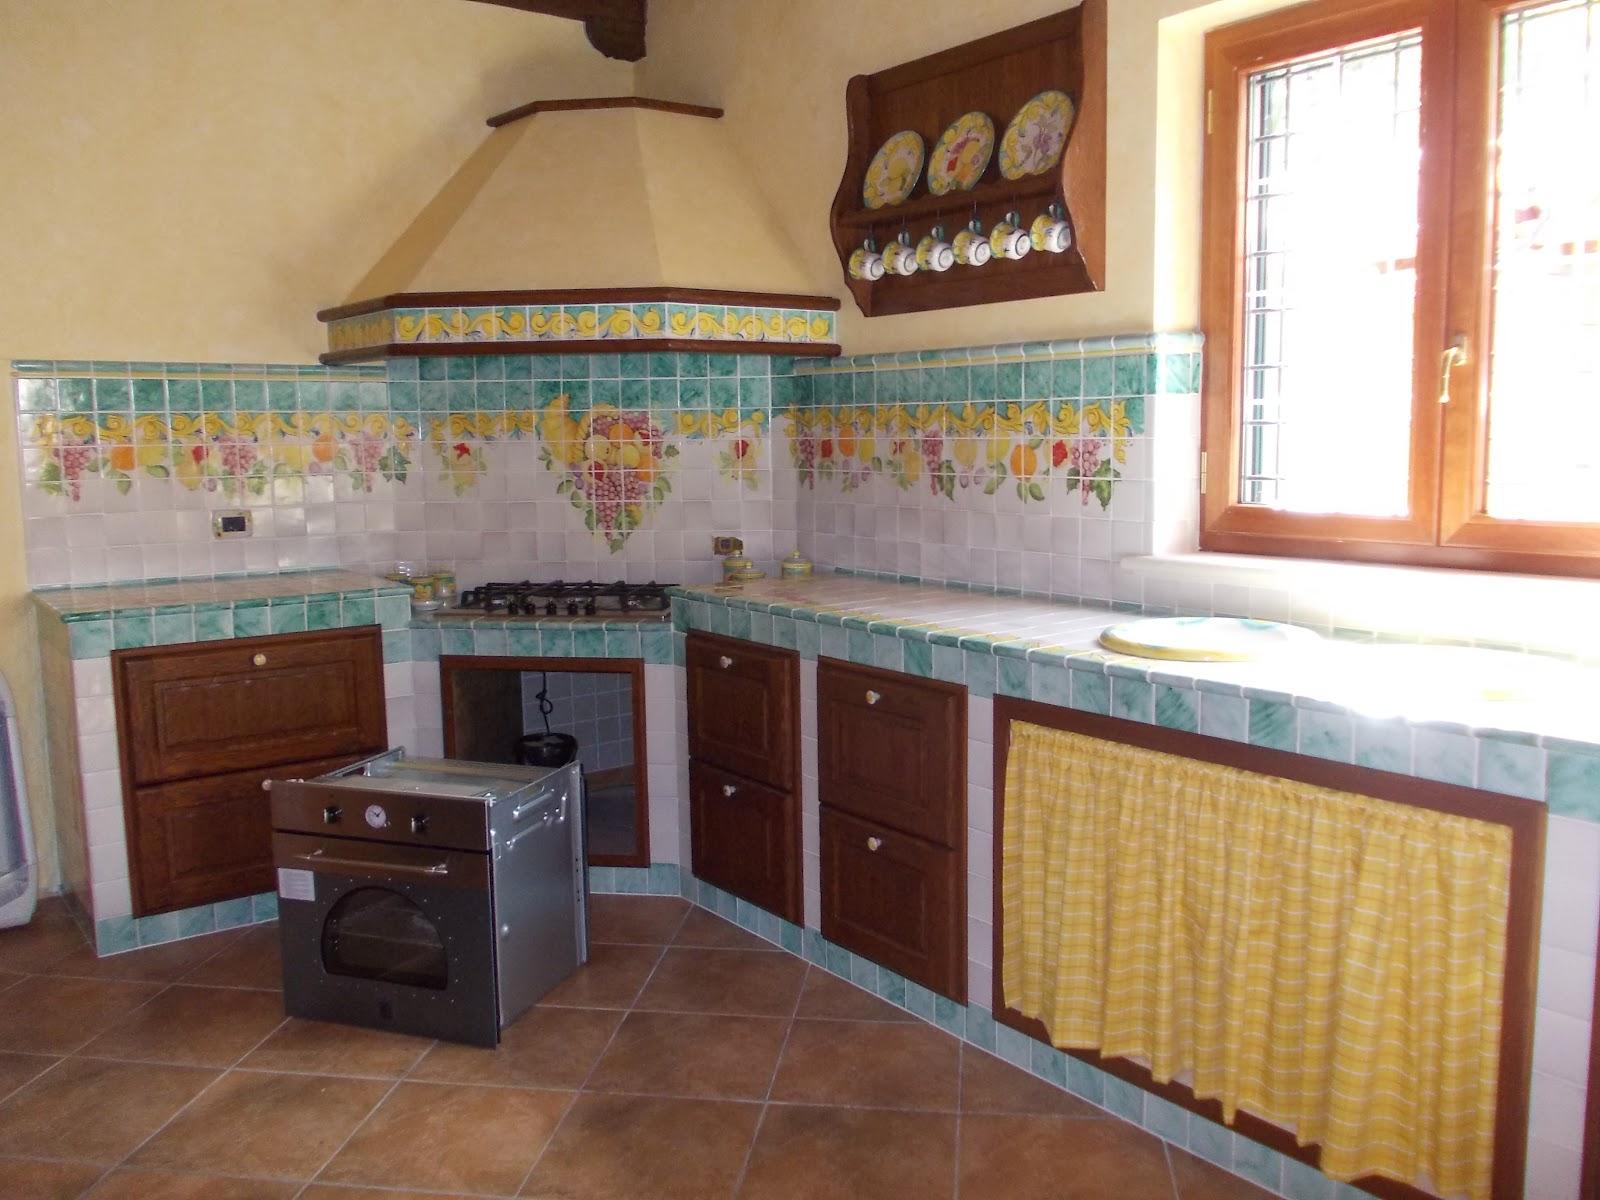 Vico condotti cucine e bagni in muratura - Rivestimento cucina in muratura ...